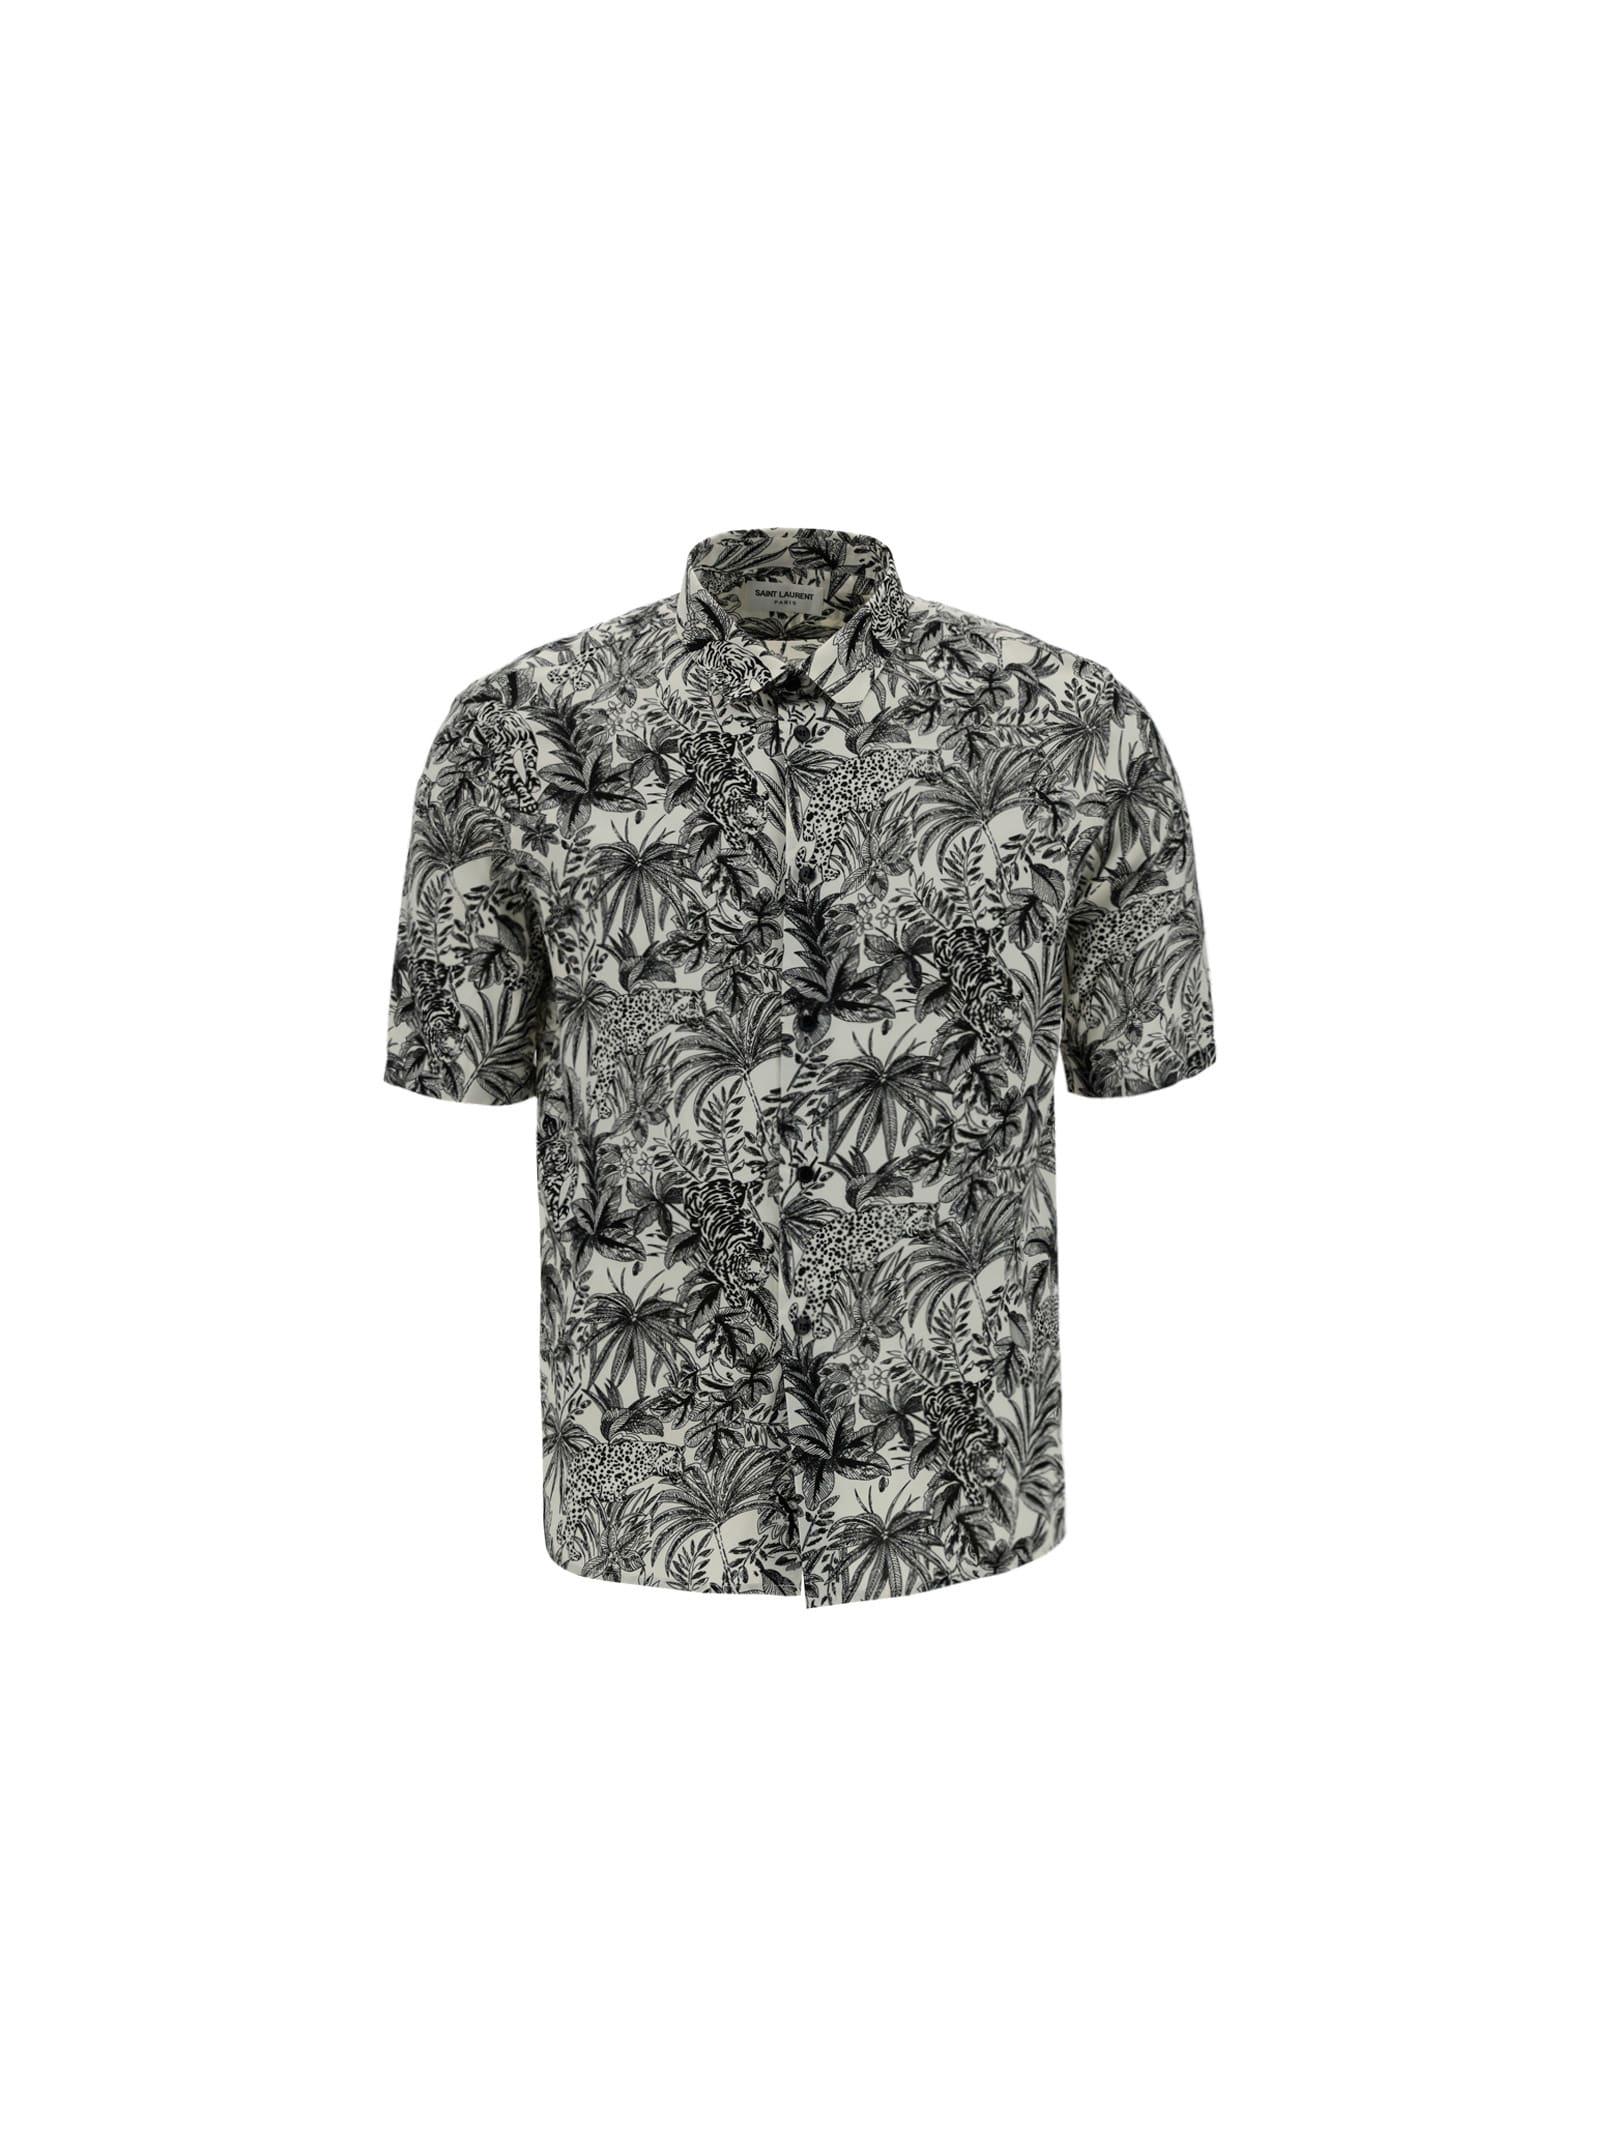 Saint Laurent Shirts SHIRT BY SAINT LAURENT